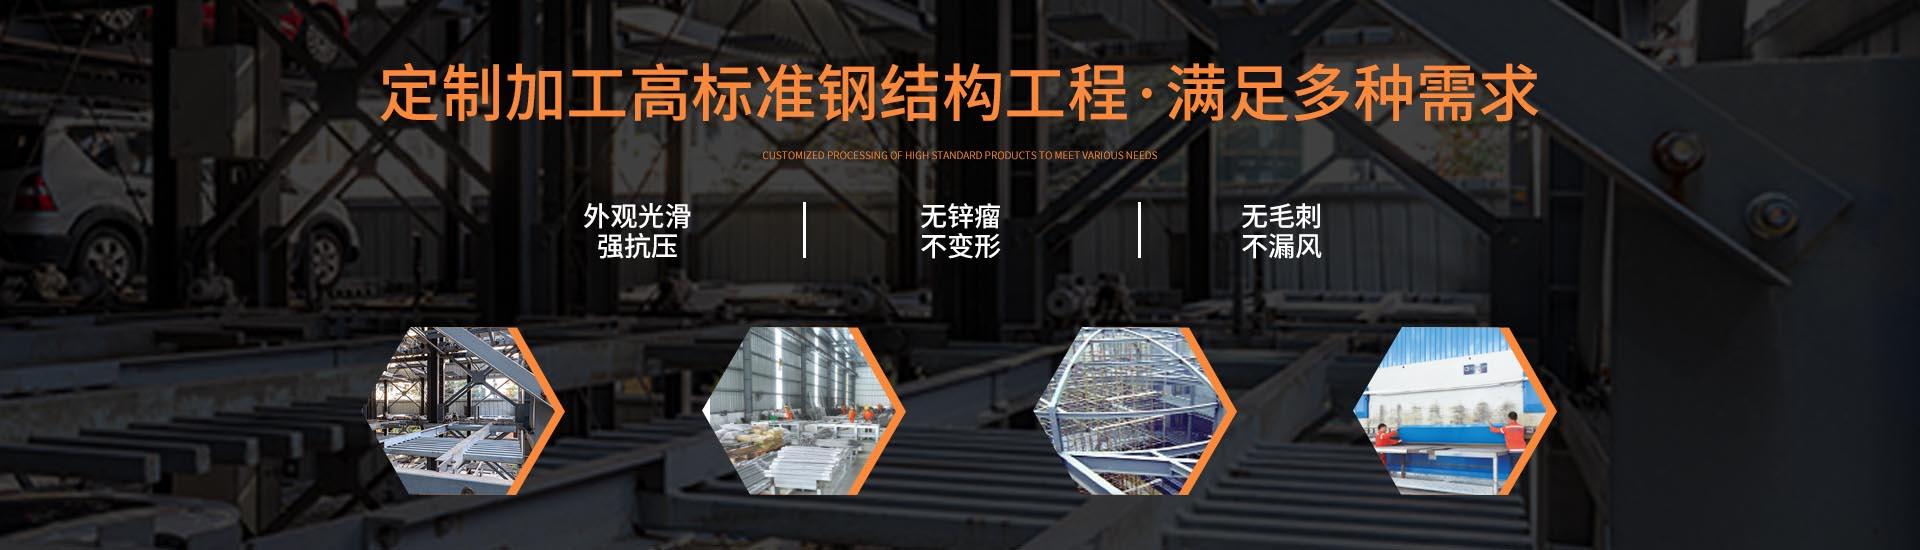 钢结构厂房仓库